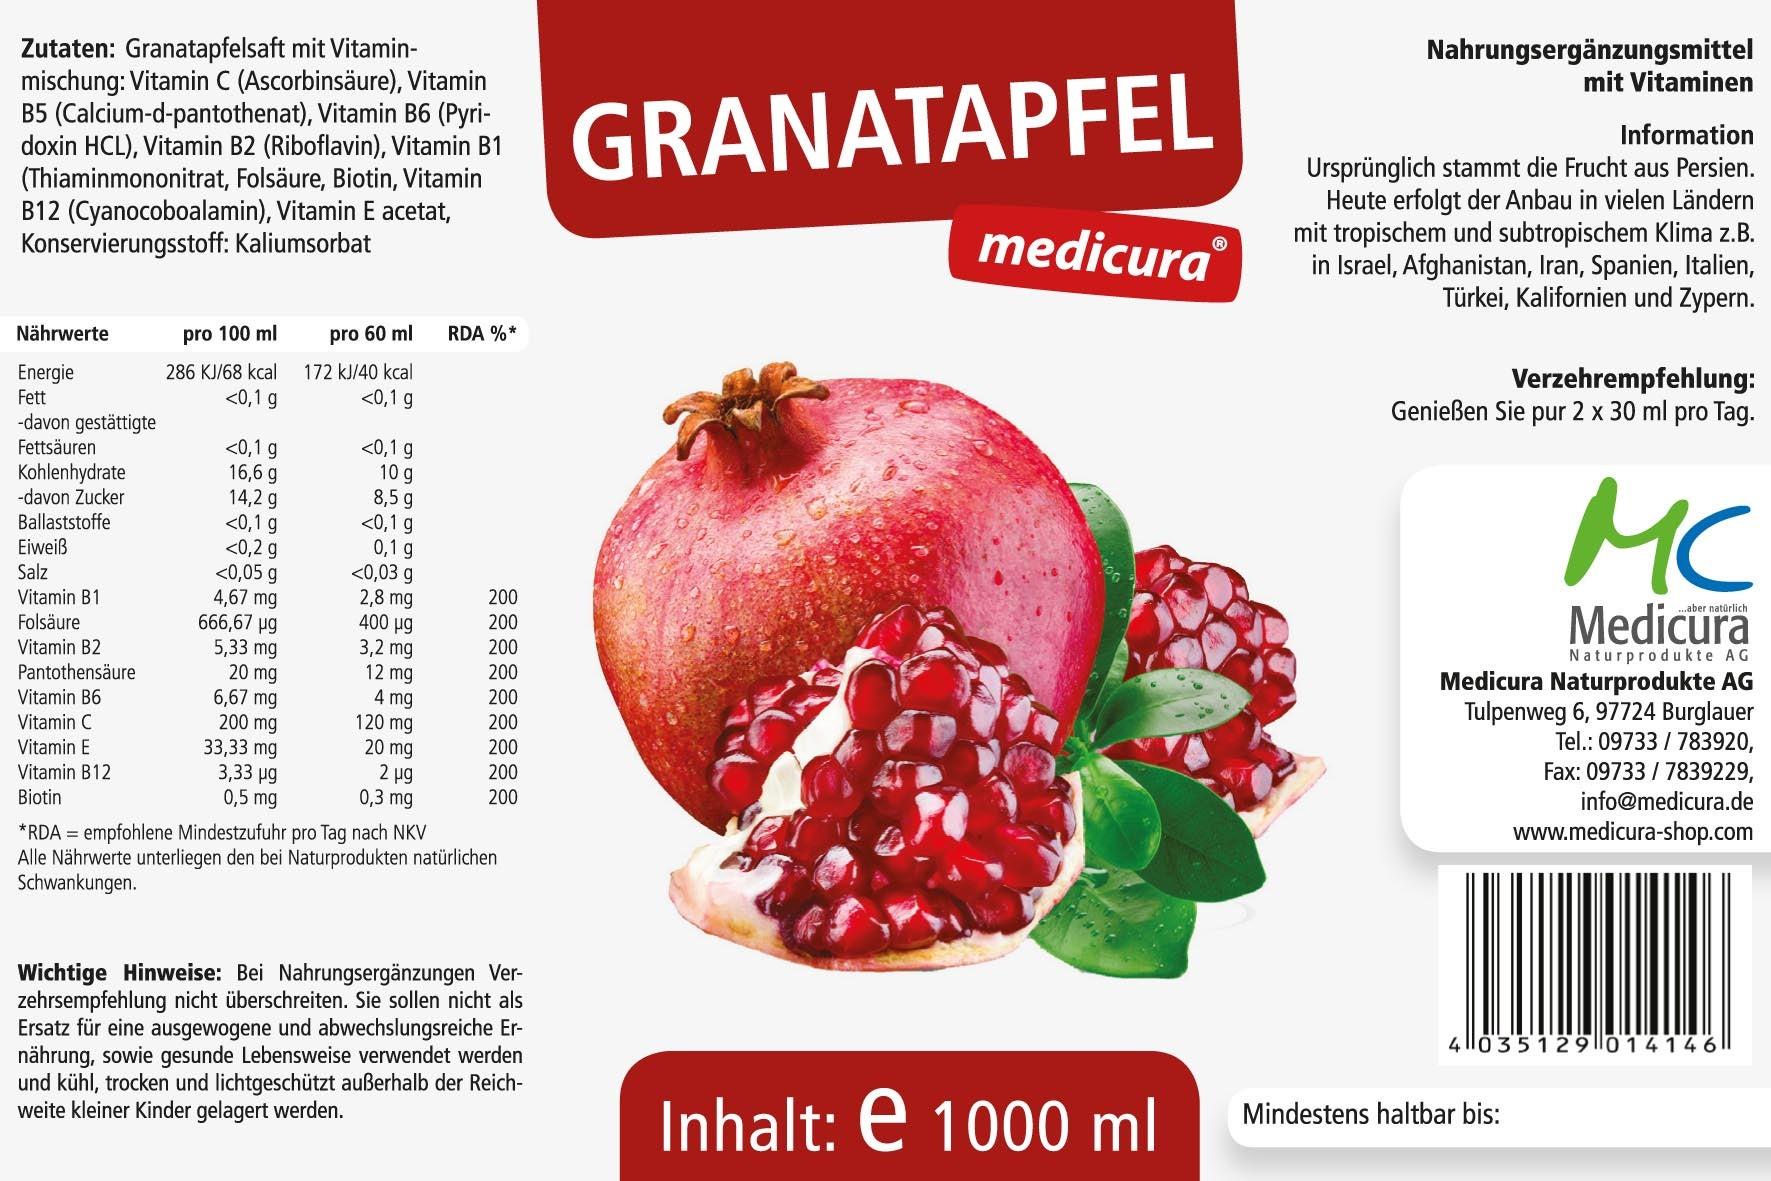 Granatapfel Fruchtsaft mit Vitaminen - 1000 ml PET-Flasche